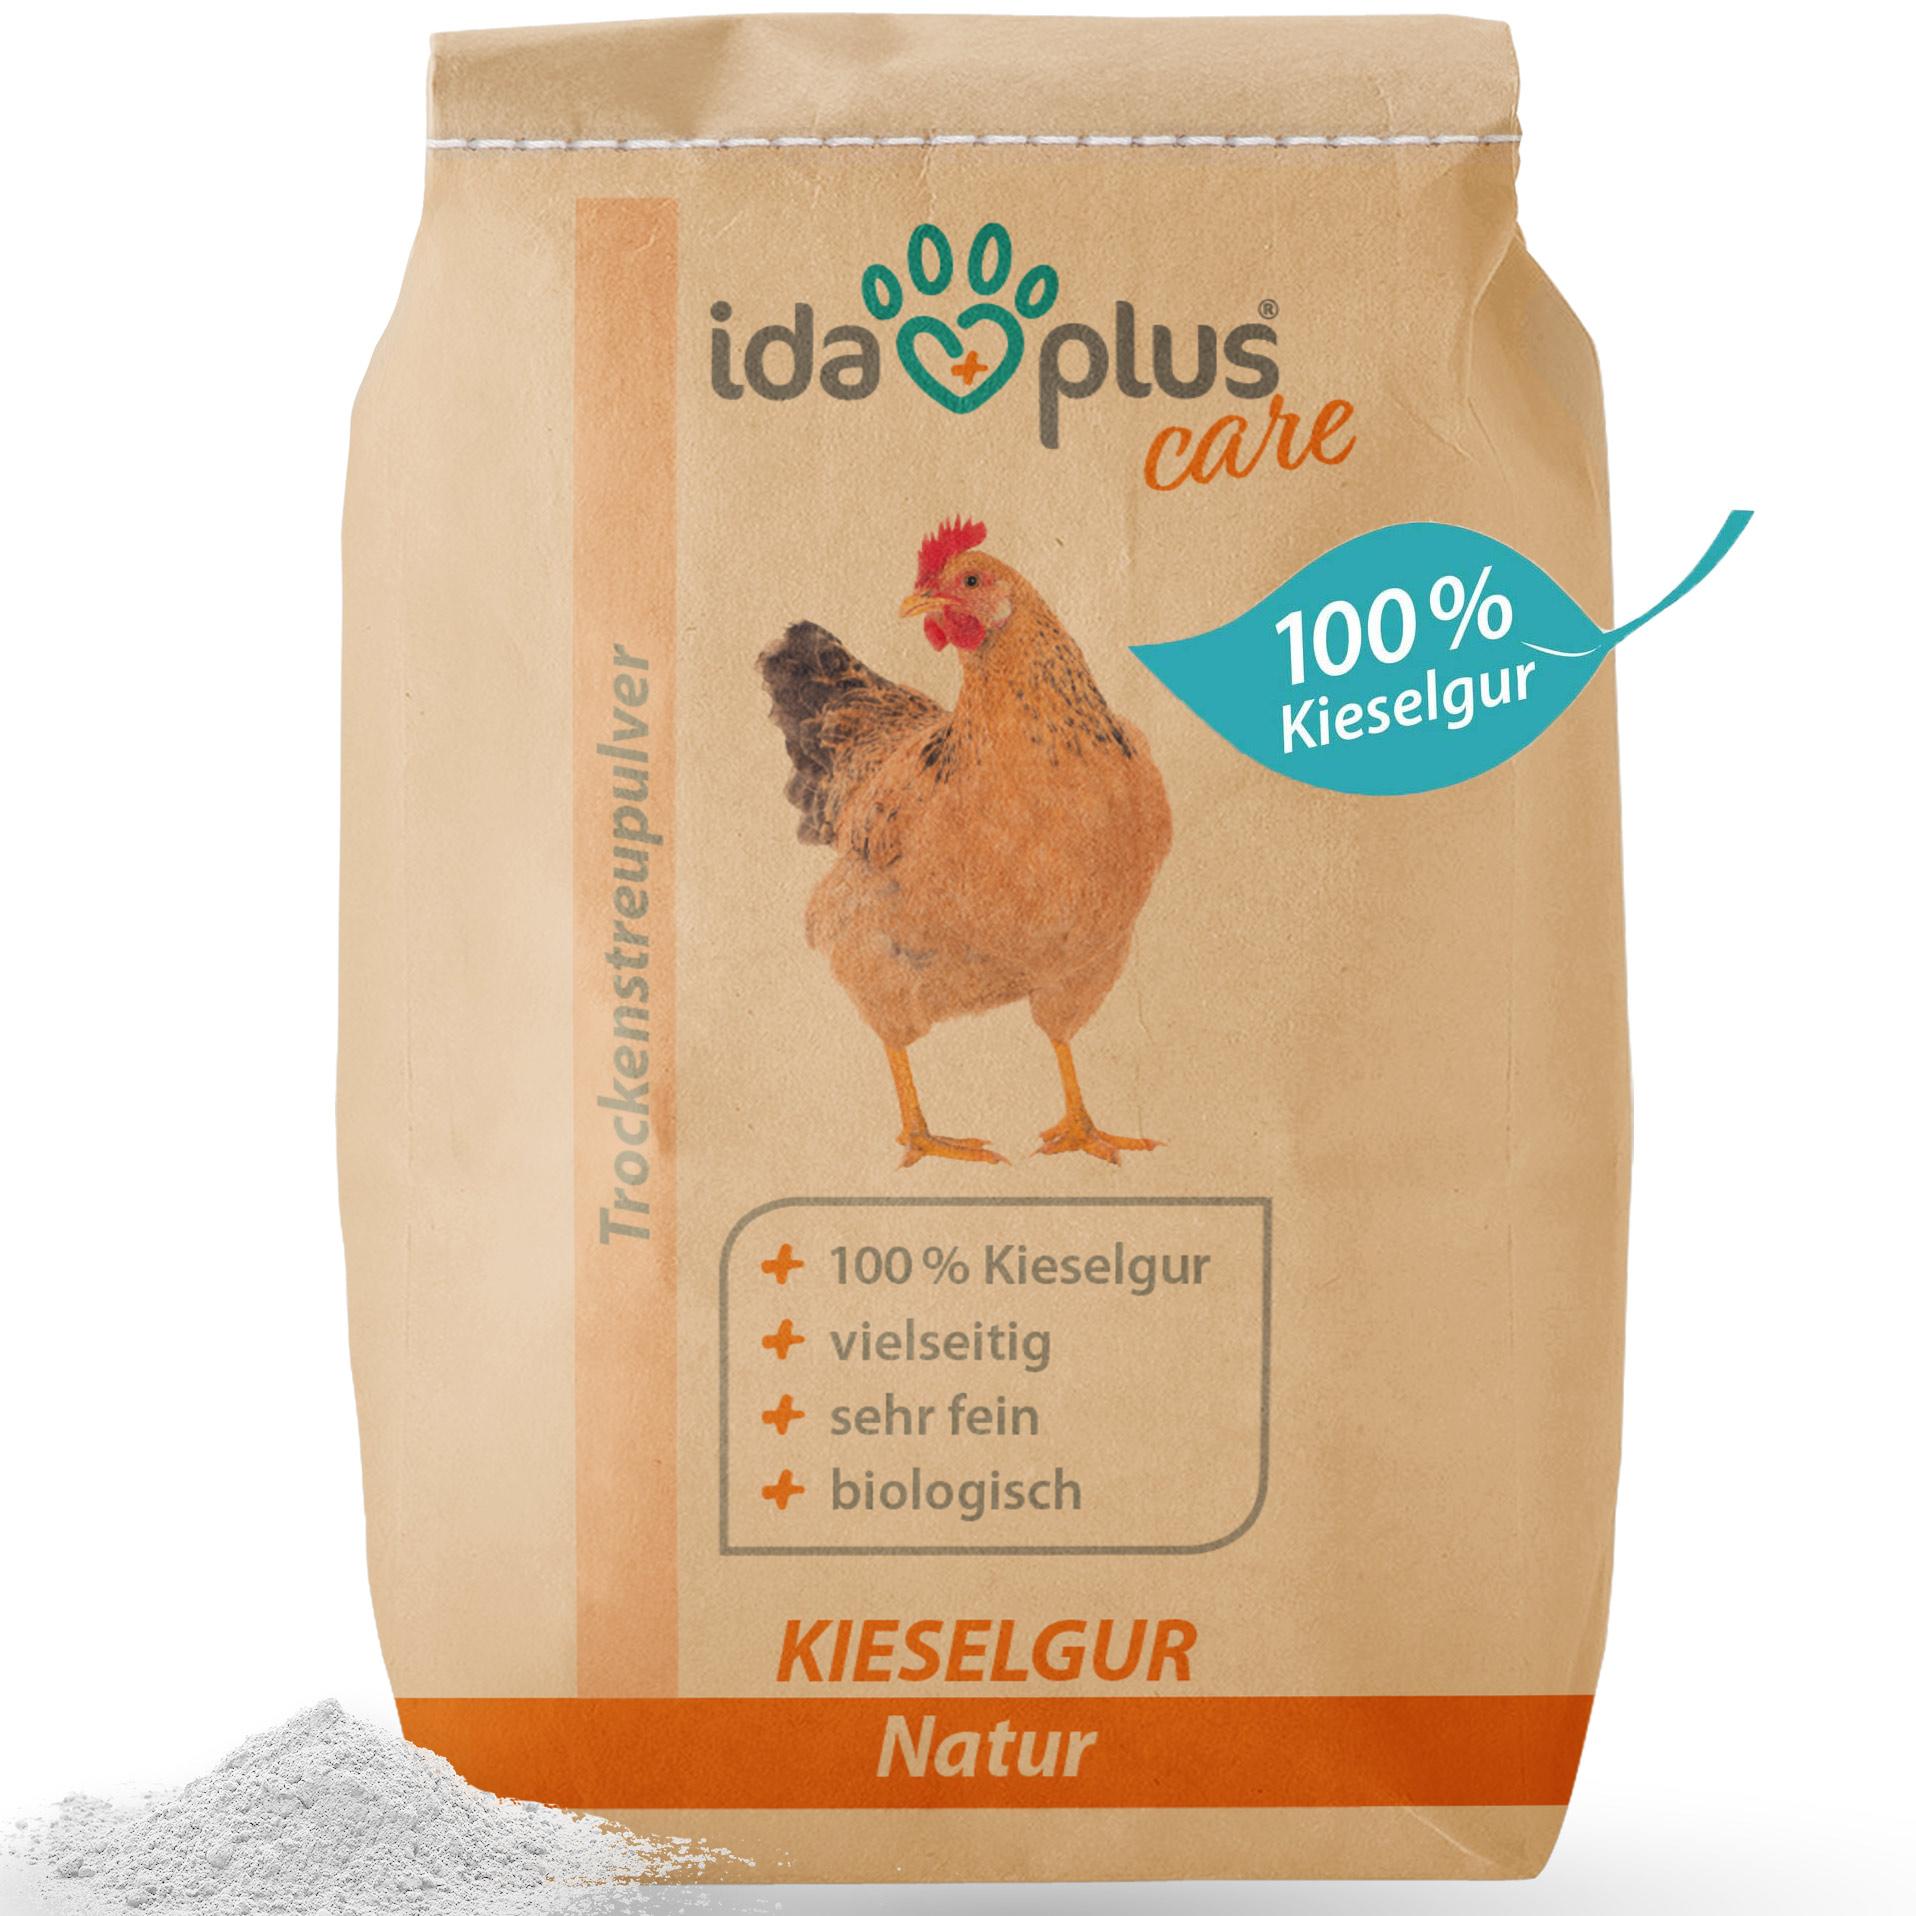 Kieselgur Natur im umweltfreundlichen Papiersack - Kieselerde als Pulver - 3 Kg